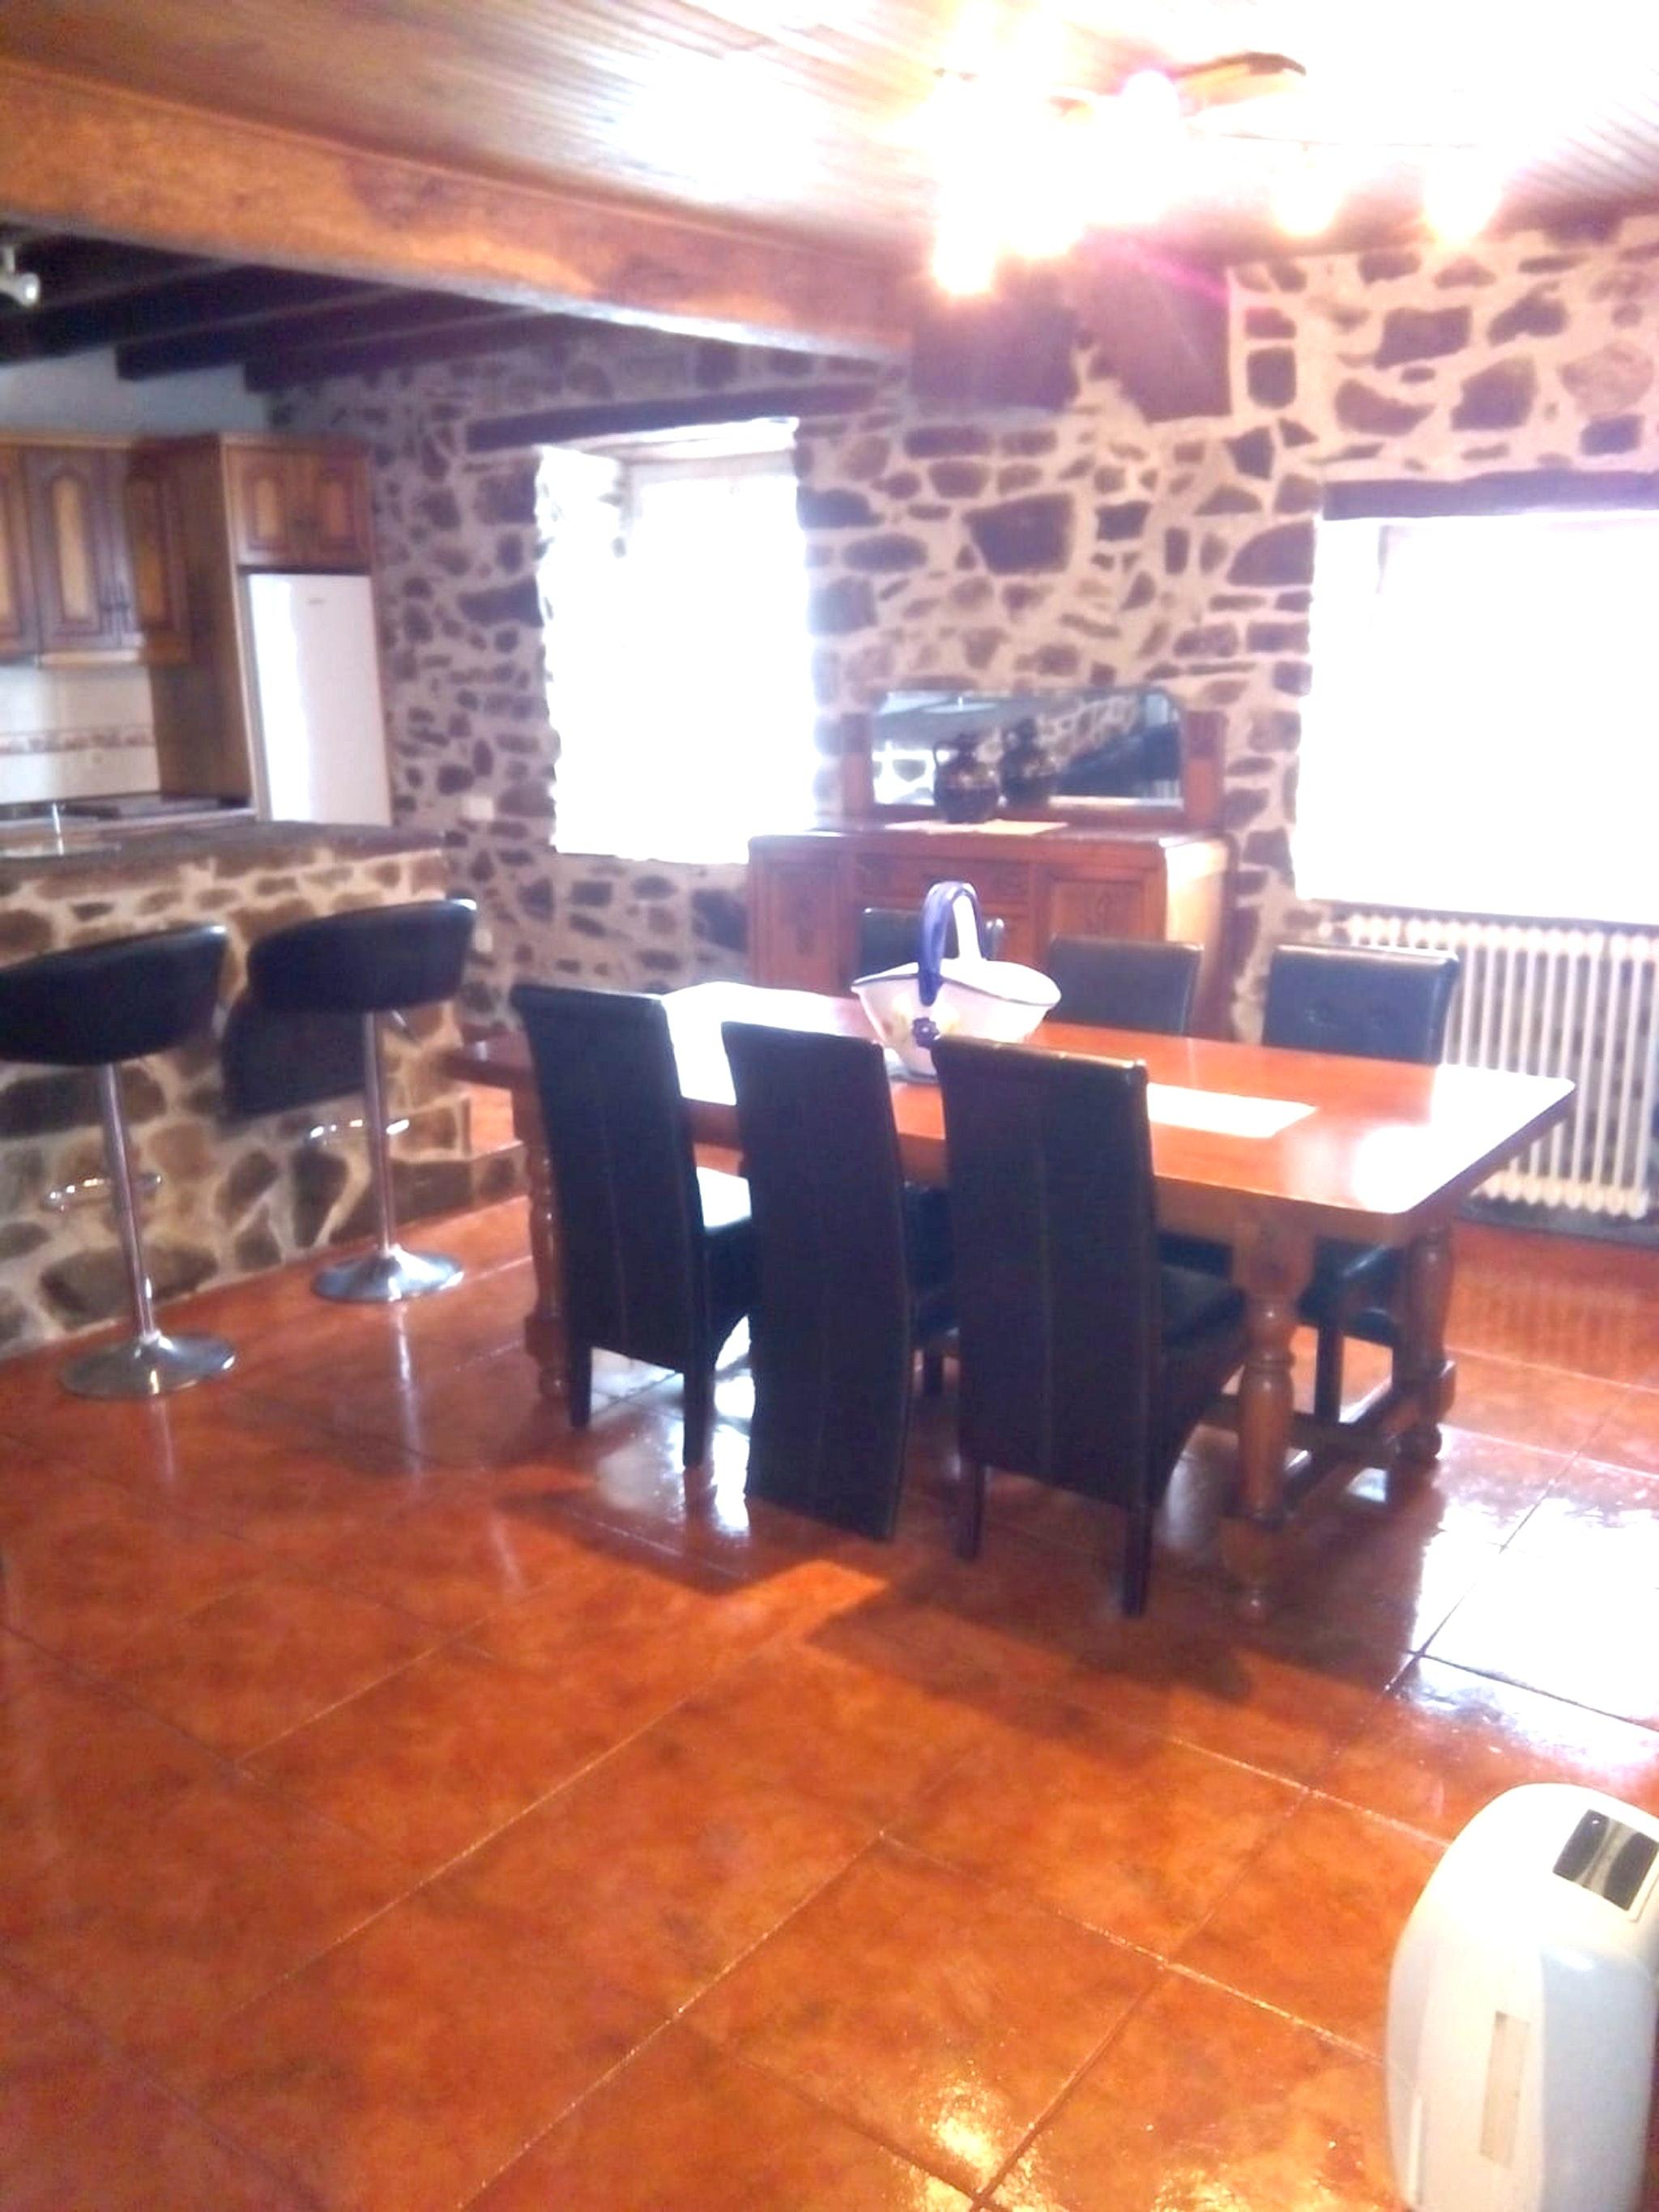 Ferienhaus Haus mit 4 Schlafzimmern in Valcarlos mit toller Aussicht auf die Berge, eingezäuntem Gart (2519329), Gañecoleta, , Navarra, Spanien, Bild 2